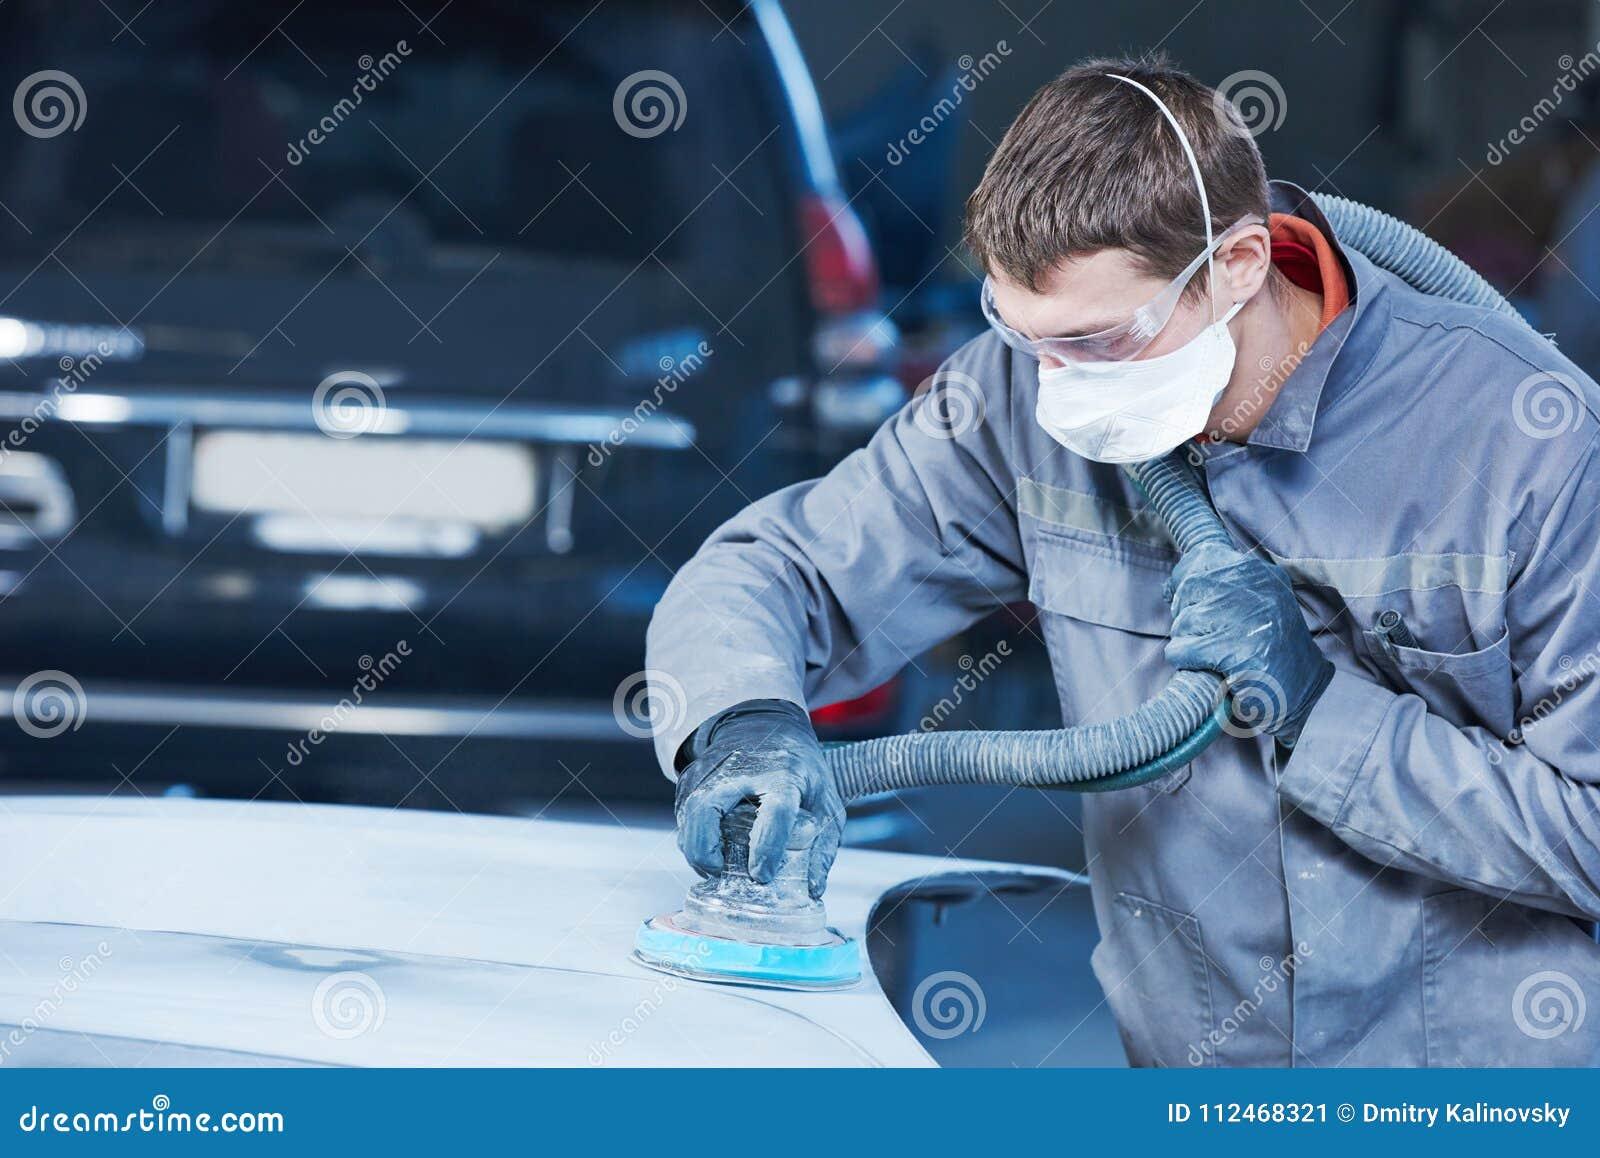 Autohersteller die autobody bonnet malen